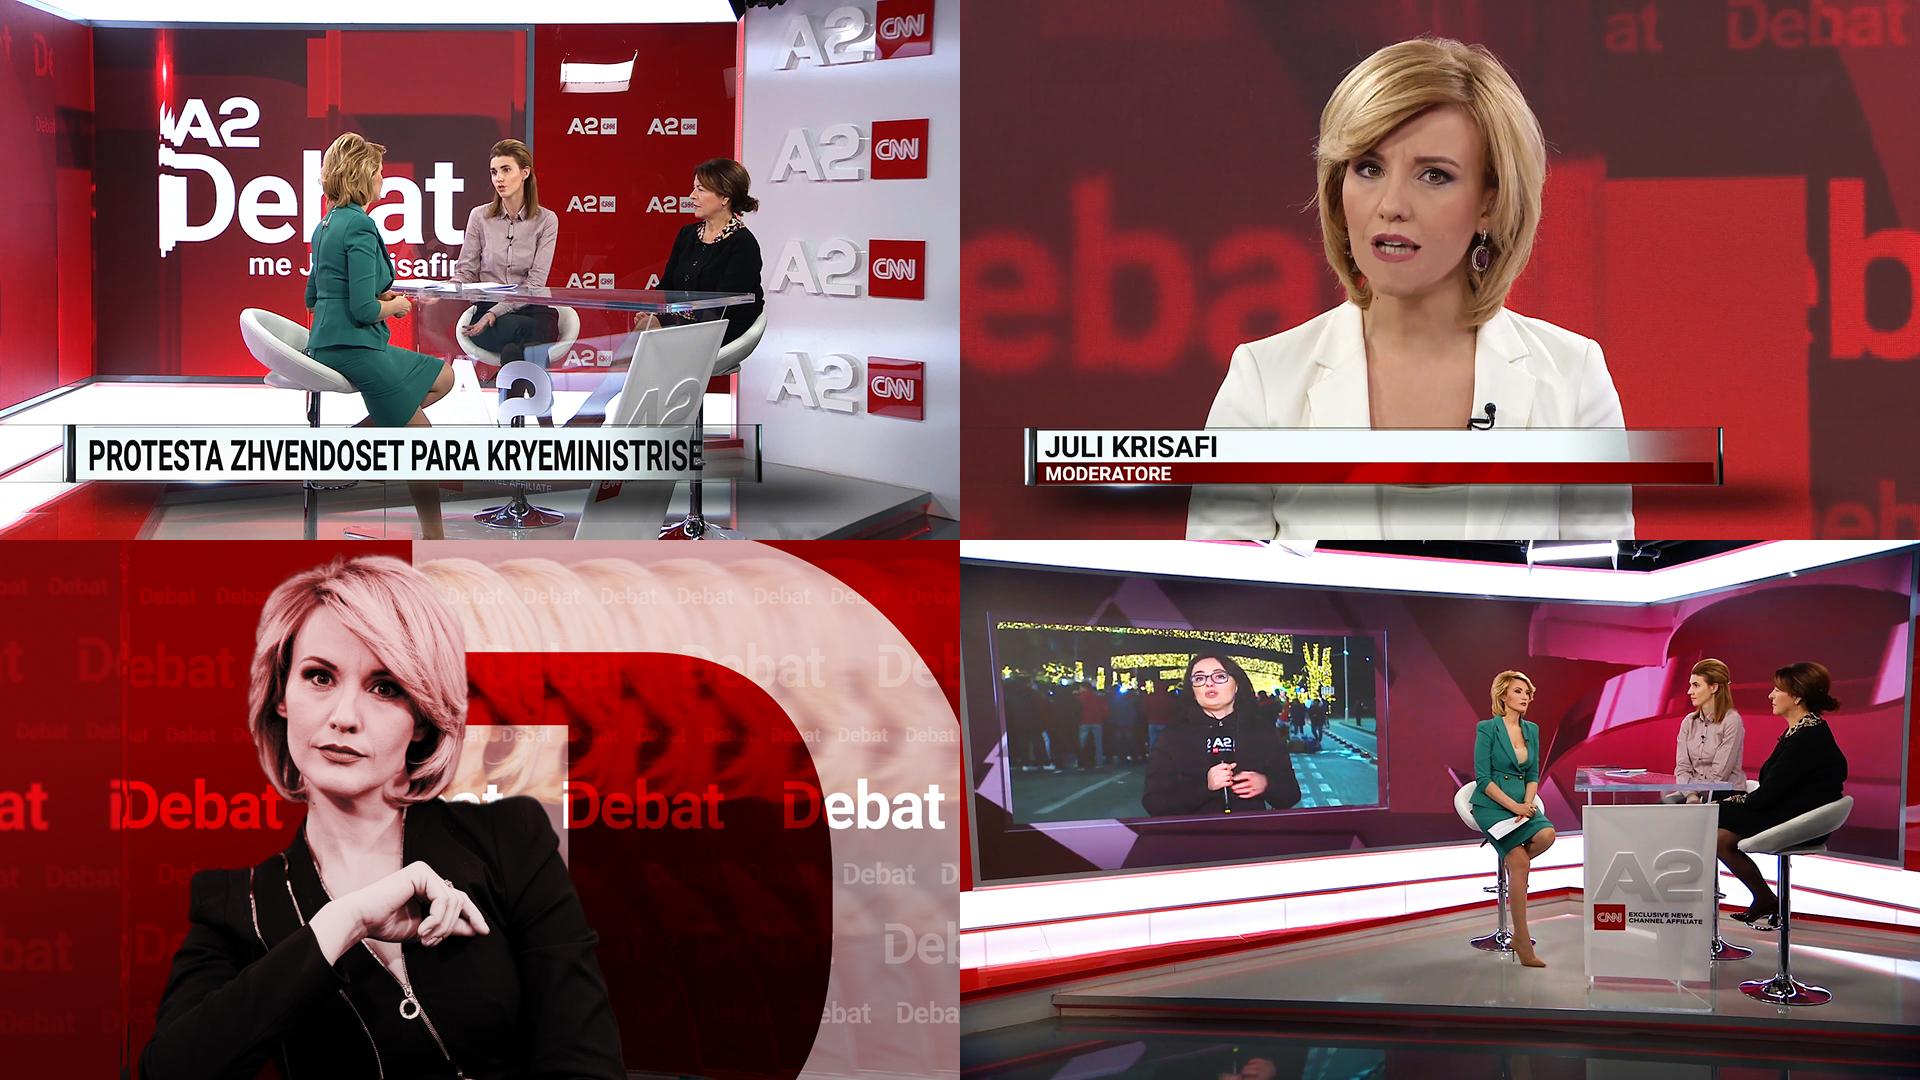 Debat_A2_CNN_Renderon_01.jpg